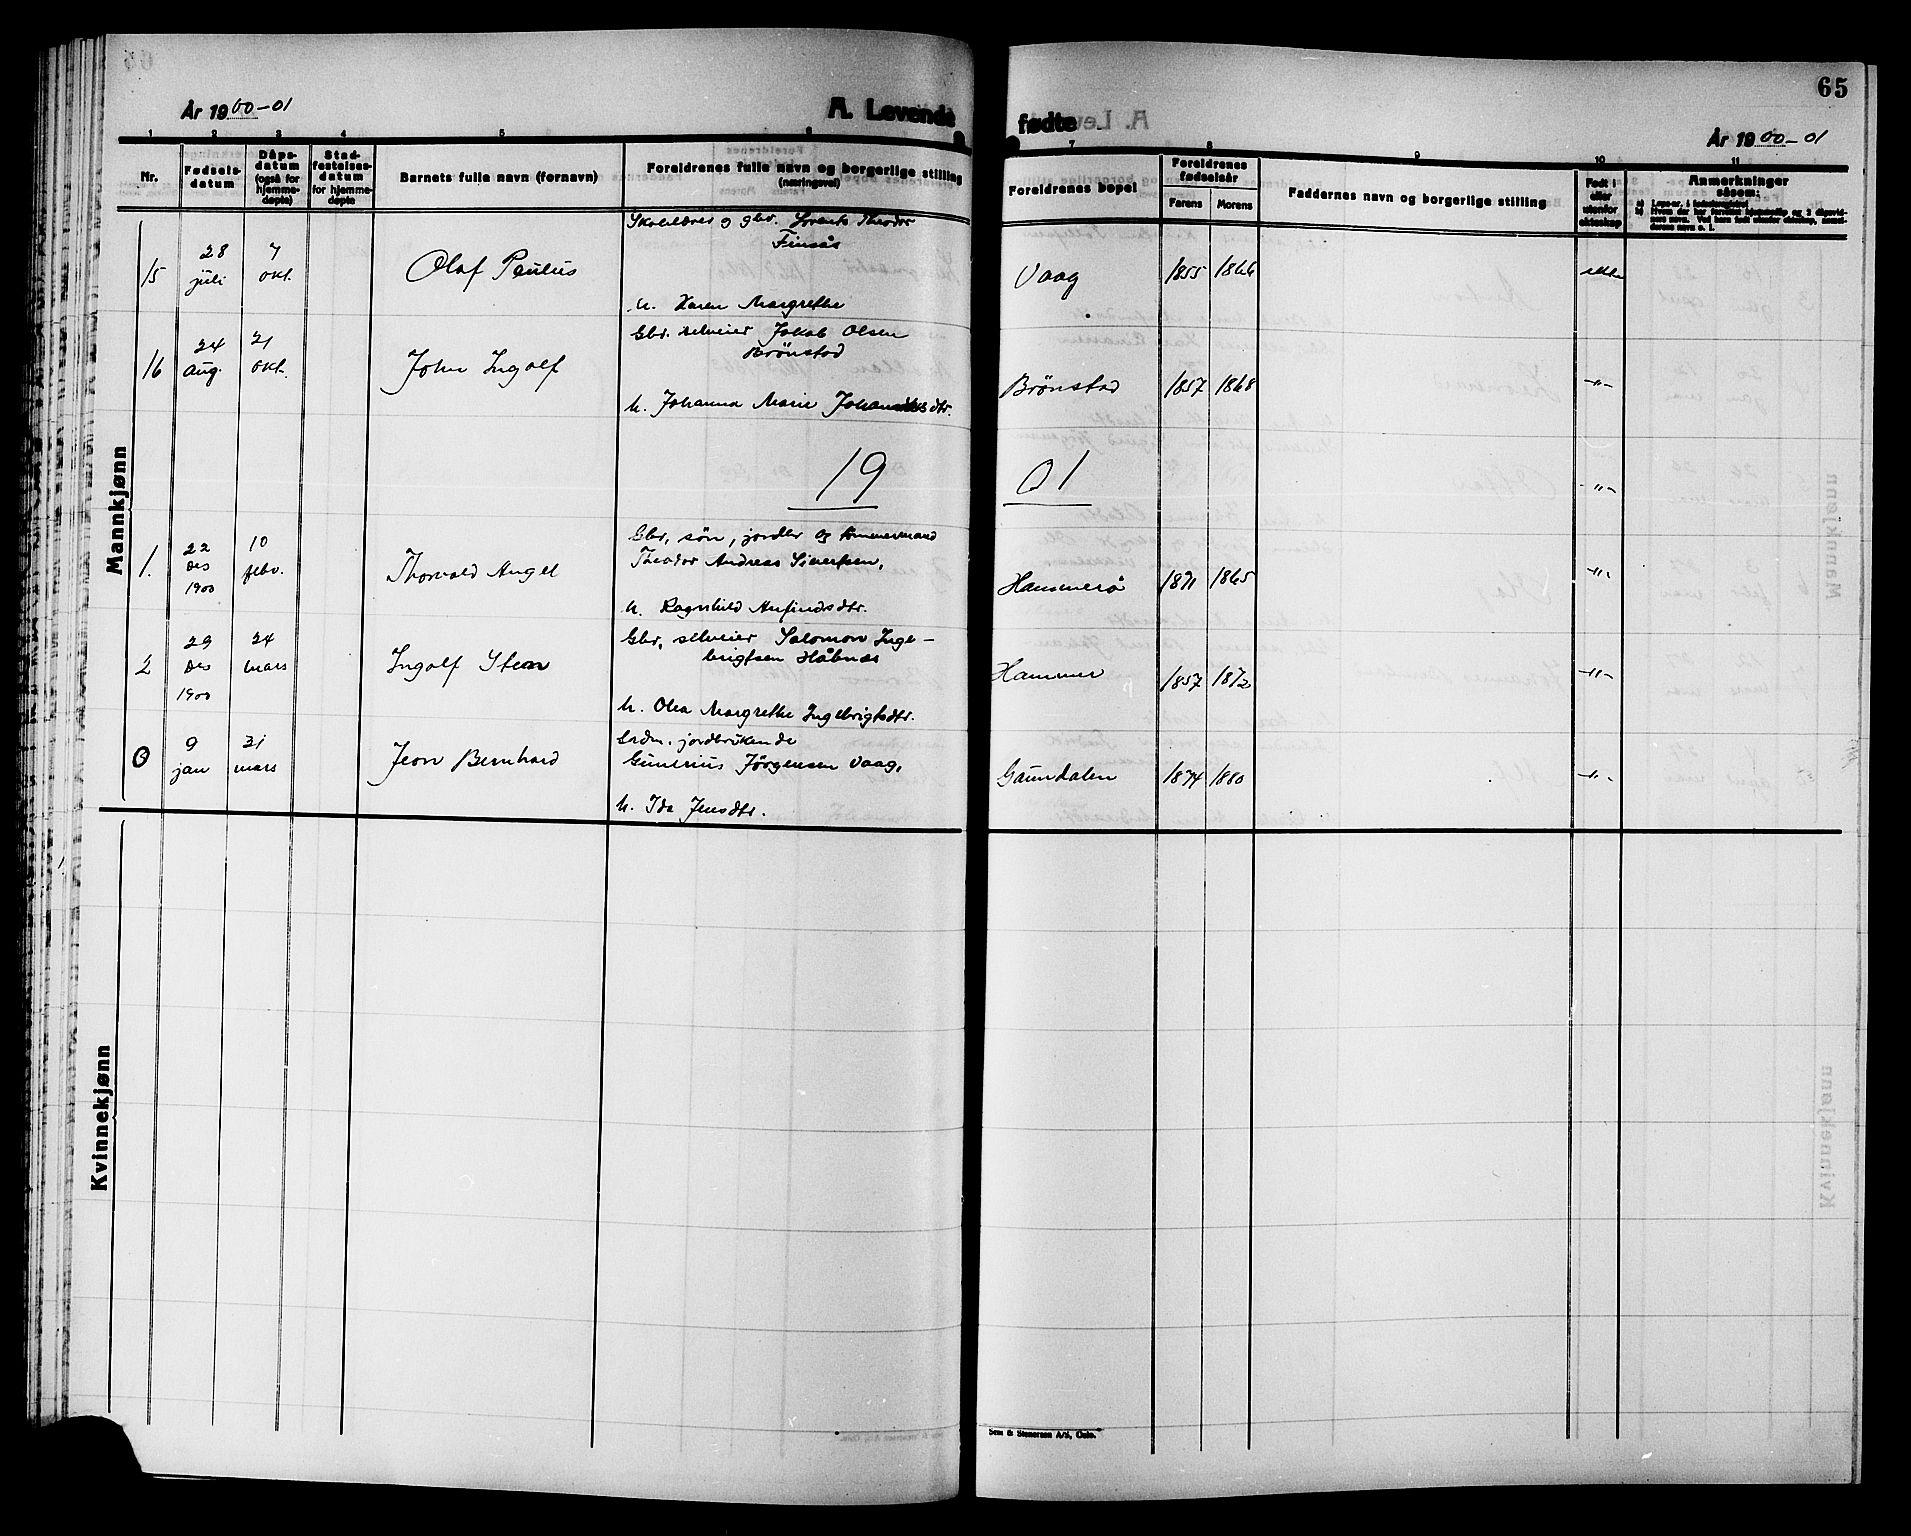 SAT, Ministerialprotokoller, klokkerbøker og fødselsregistre - Nord-Trøndelag, 749/L0487: Ministerialbok nr. 749D03, 1887-1902, s. 65